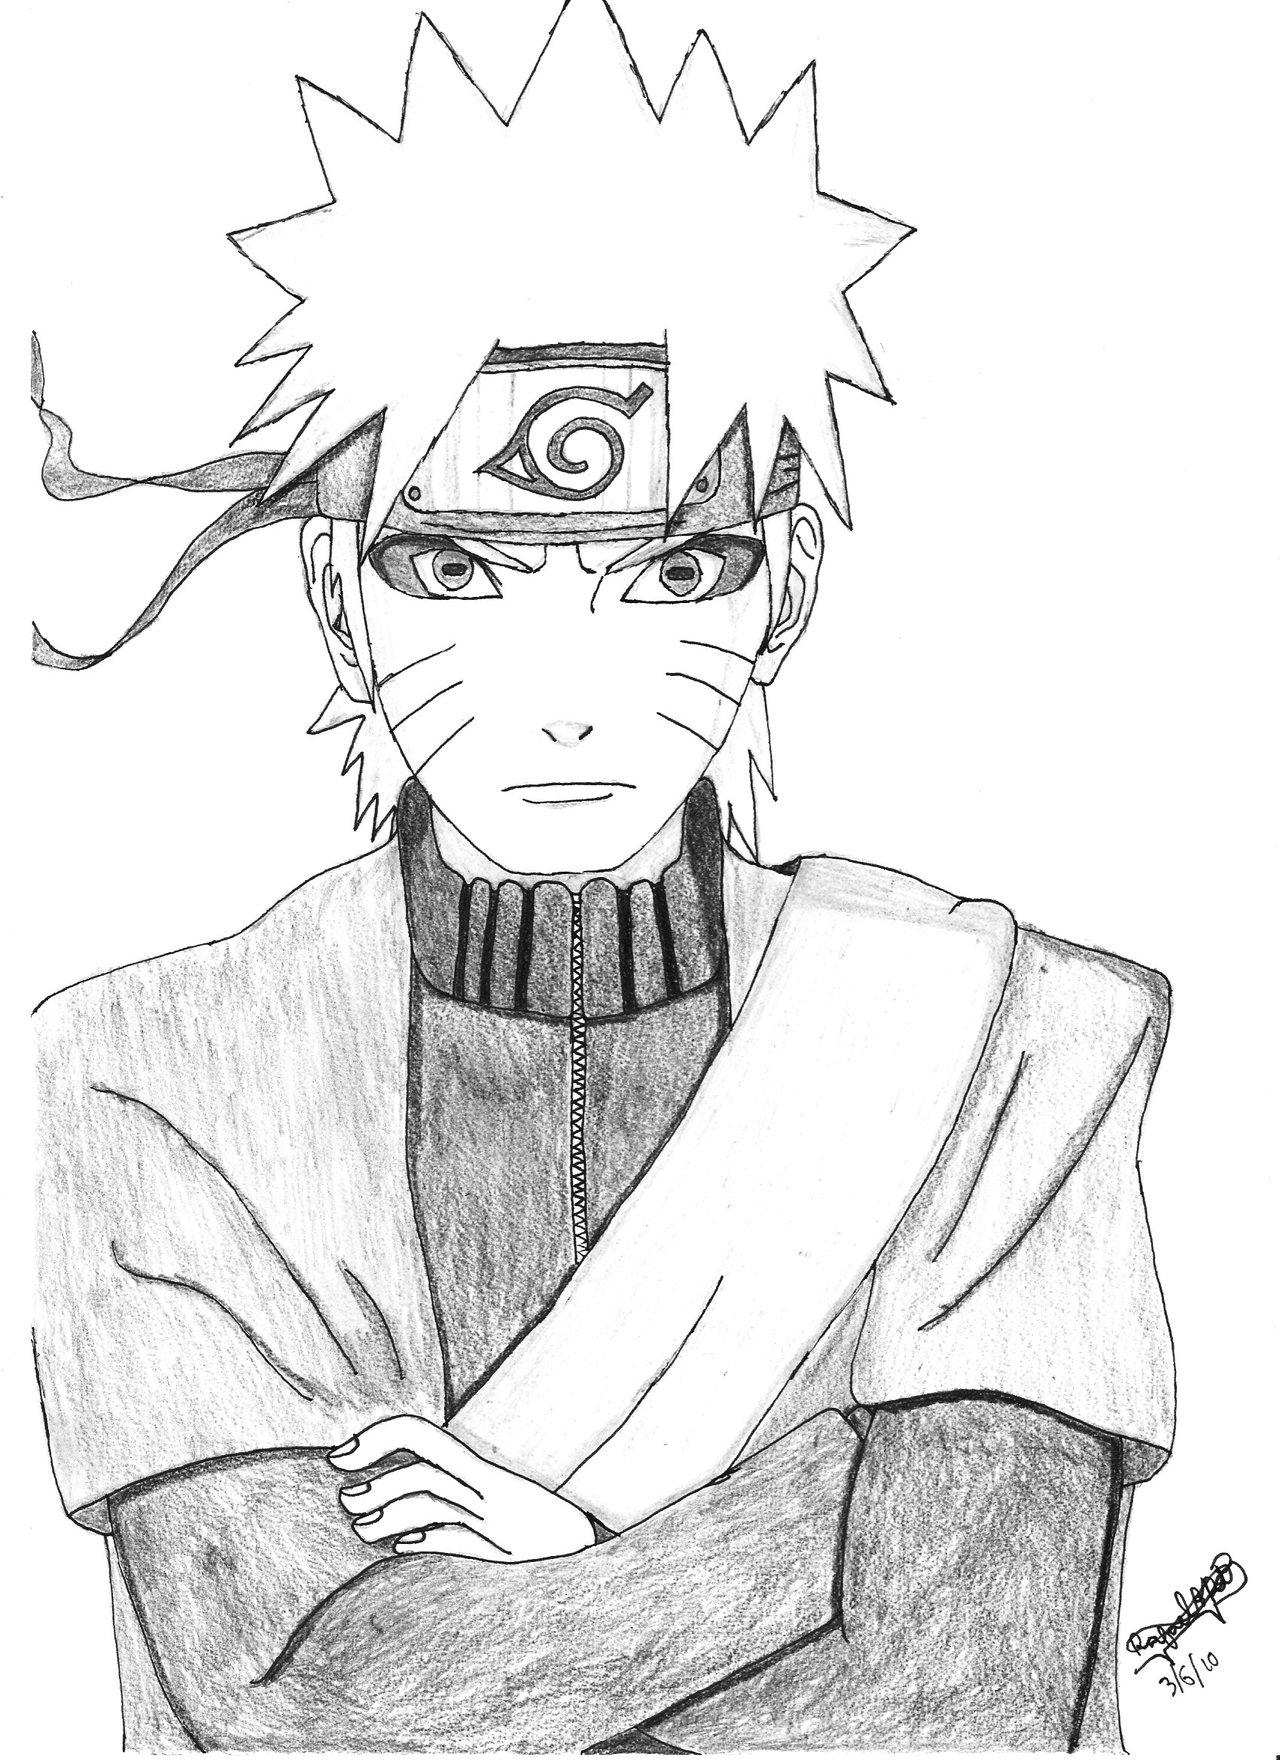 Drawn naruto naruto uzumaki Sennin Naruto Mode RafaARP by